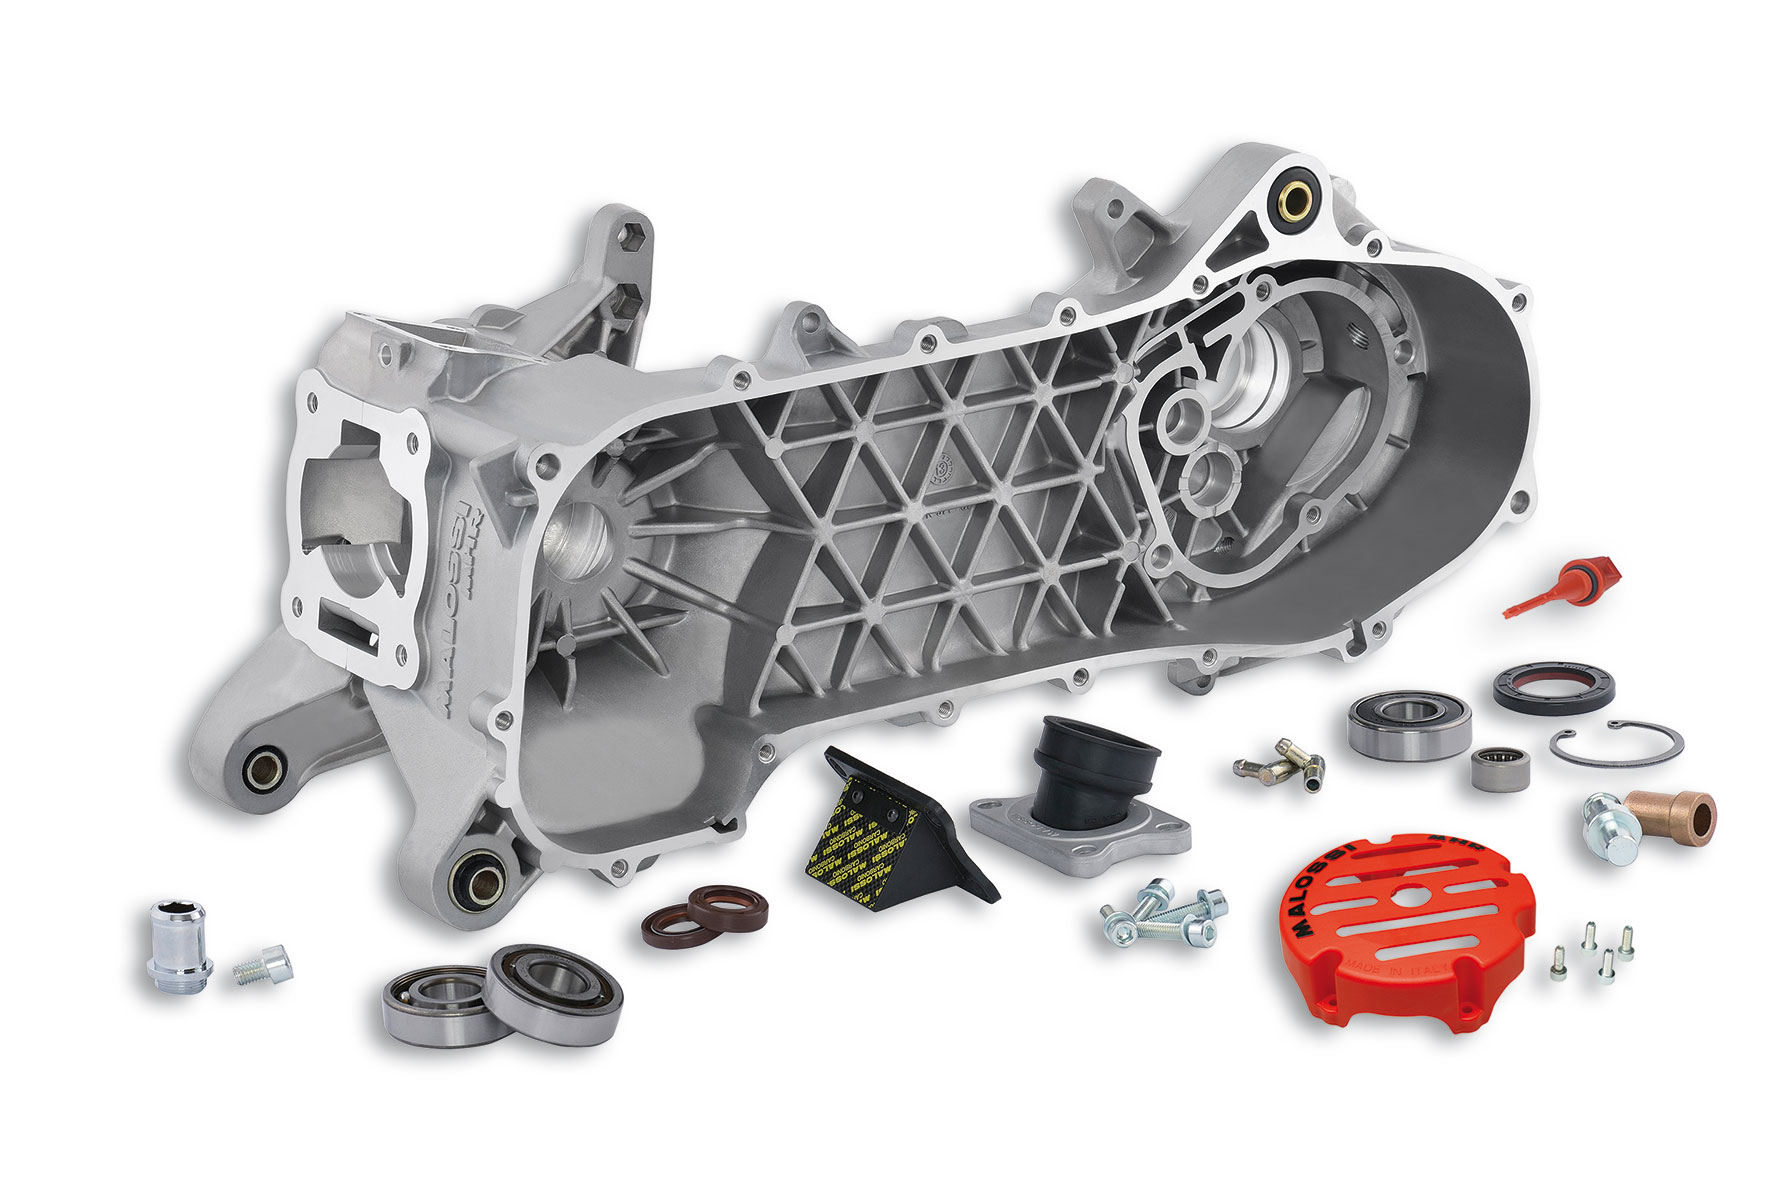 Carter motore completo MHR RC - one (per motore PIAGGIO)